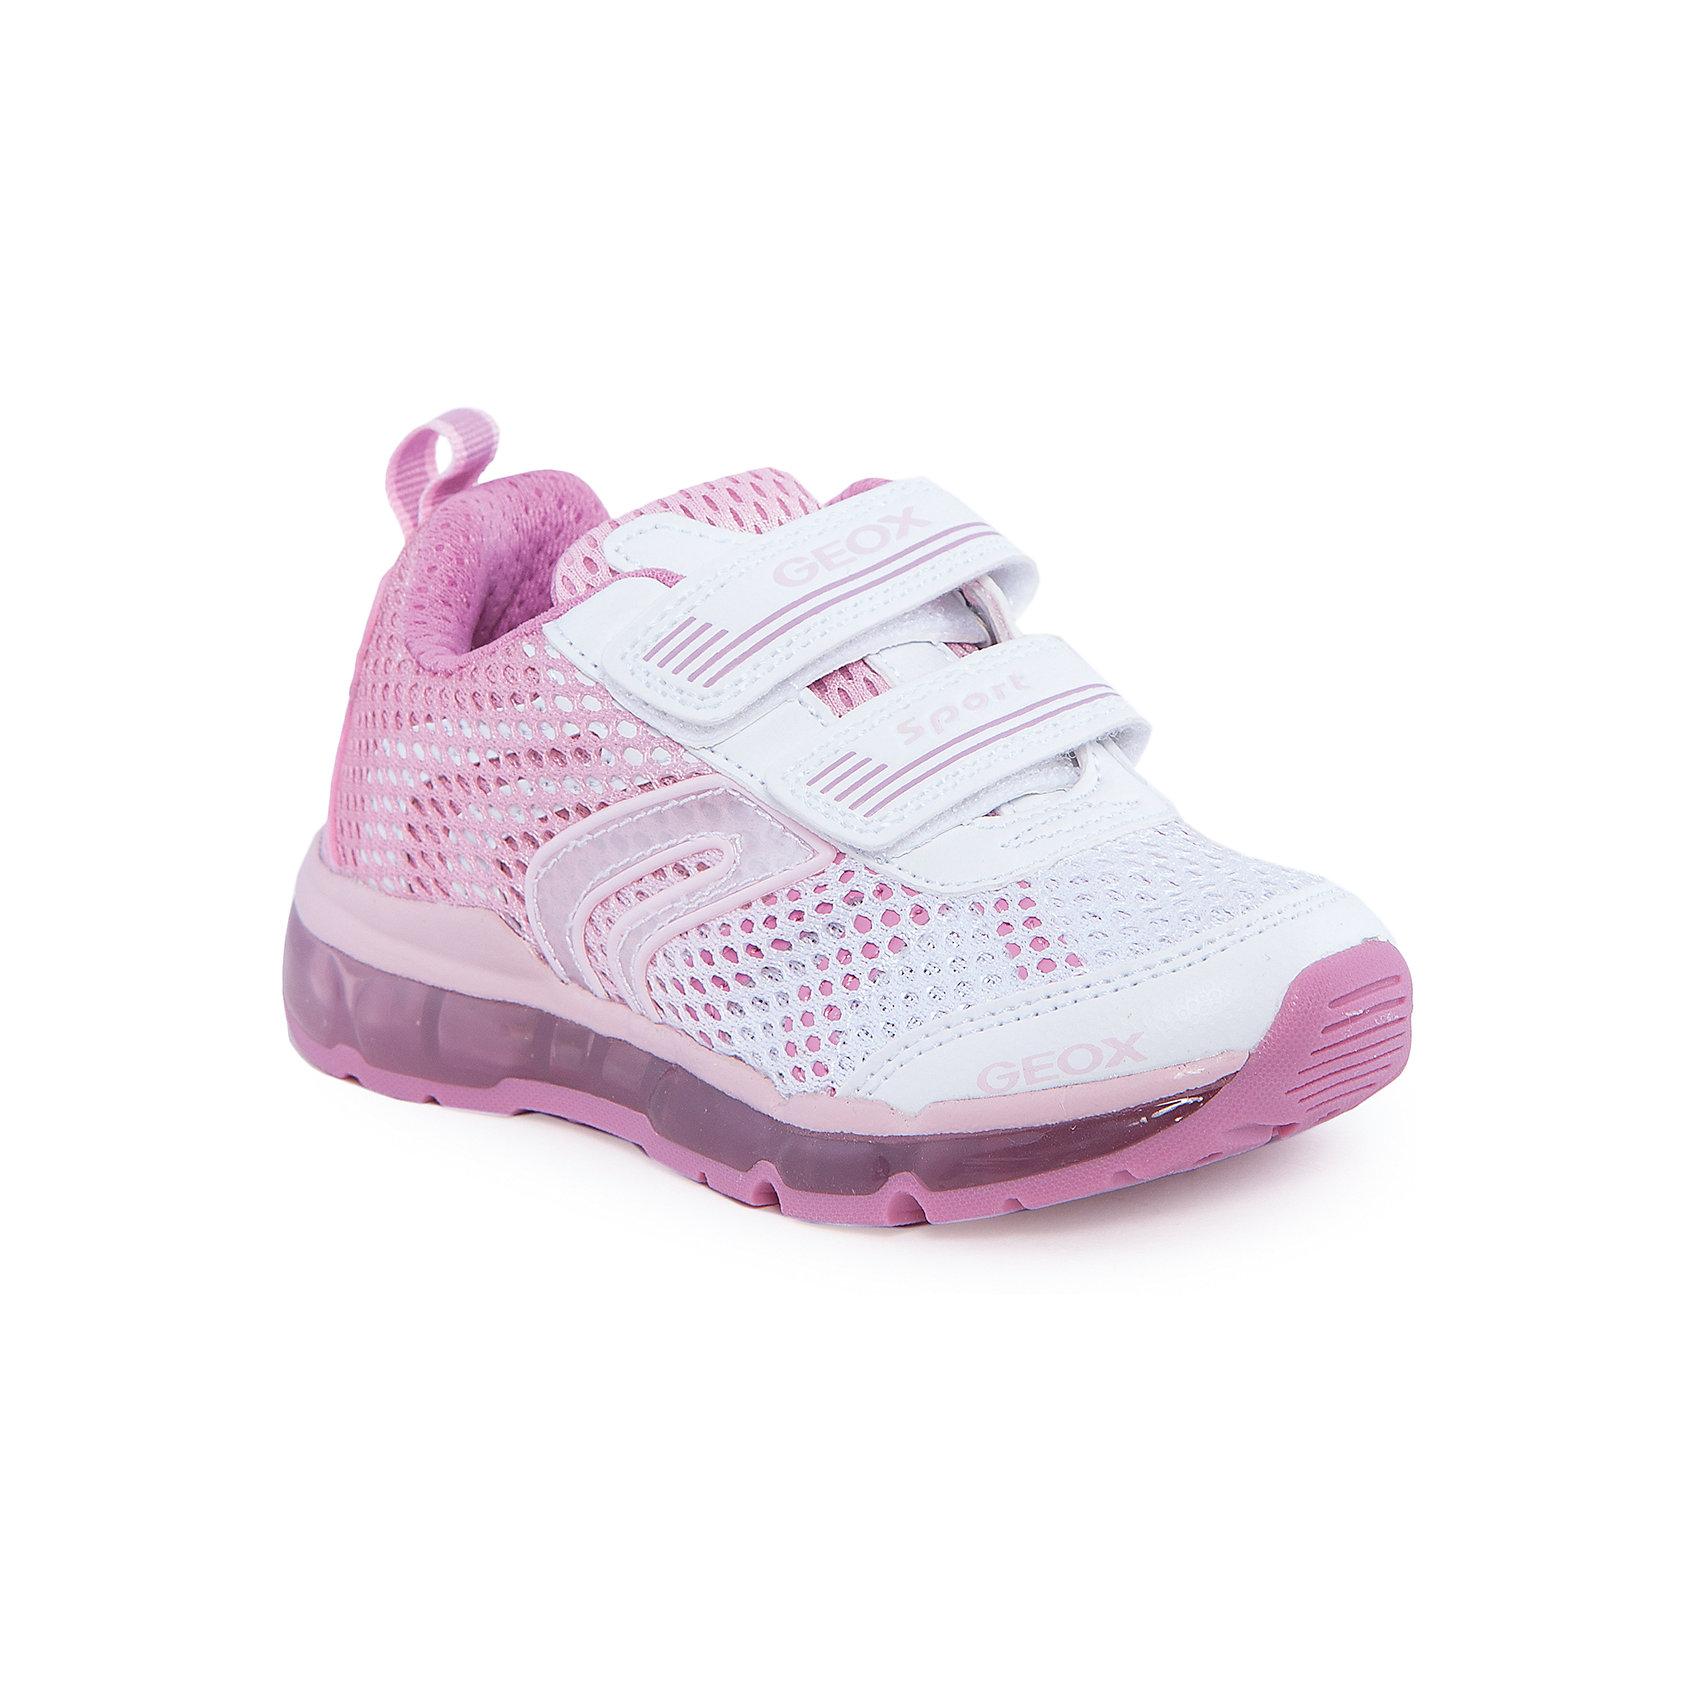 Кроссовки для девочки GEOXКроссовки для девочки от популярной марки GEOX (Геокс).<br><br>Яркие дышащие кроссовки разнообразят гардероб ребенка в новом сезоне! Эта модель создана специально для девочек, она очень стильно и оригинально смотрится.<br>Производитель обуви заботится не только о внешнем виде, но и стабильно высоком качестве продукции. GEOX (Геокс) разработал специальную высокотехнологичную стельку. Вся обувь делается только из качественных и надежных материалов.<br><br>Отличительные особенности модели:<br><br>- цвет: белый, розовый;<br>- декорирована сеткой;<br>- прочная устойчивая подошва;<br>- мягкий и легкий верх;<br>- защита пальцев и пятки;<br>- стильный дизайн;<br>- анатомическая стелька;<br>- удобные застежки - липучки;<br>- комфортное облегание;<br>- подкладка - натуральная кожа;<br>- дышащие материалы (технология Geox Respira).<br><br>Дополнительная информация:<br><br>- Сезон: весна/лето.<br><br>- Состав:<br><br>материал верха: искусственная кожа, текстиль;<br>подкладка: натуральная кожа, текстиль;<br>стелька: натуральная кожа;<br>подошва: полимер.<br><br>Кроссовки для девочки GEOX (Геокс) можно купить в нашем магазине.<br><br>Ширина мм: 250<br>Глубина мм: 150<br>Высота мм: 150<br>Вес г: 250<br>Цвет: белый<br>Возраст от месяцев: 36<br>Возраст до месяцев: 48<br>Пол: Женский<br>Возраст: Детский<br>Размер: 27,26,31,34,28,29,33,32,30<br>SKU: 4519584